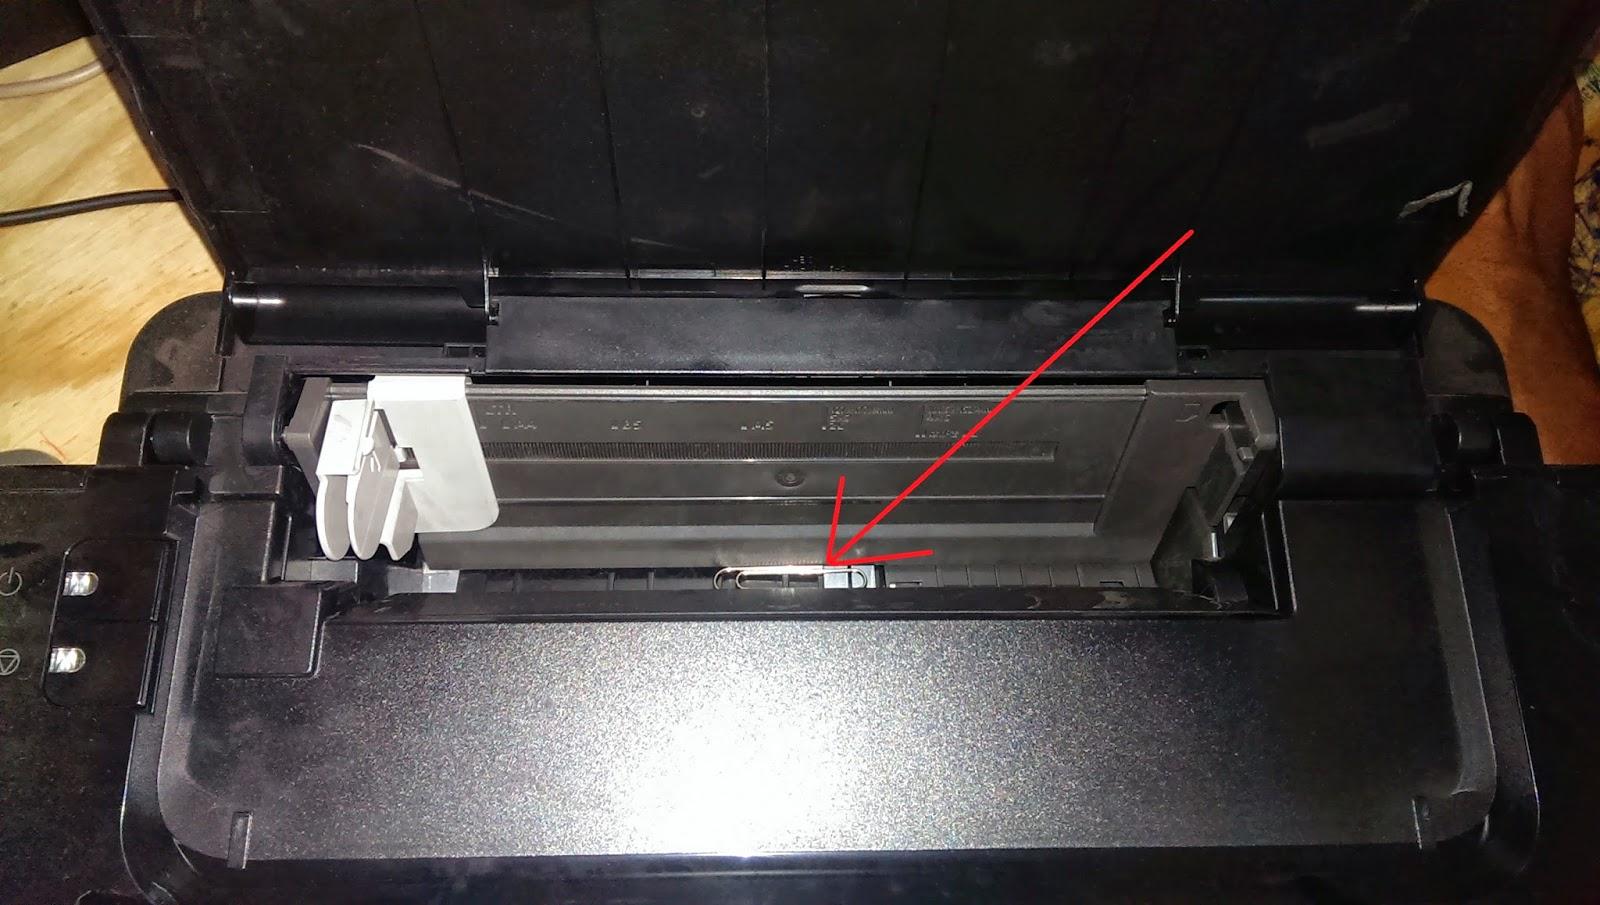 objetos que entran a impresoras canon pixma mg2410